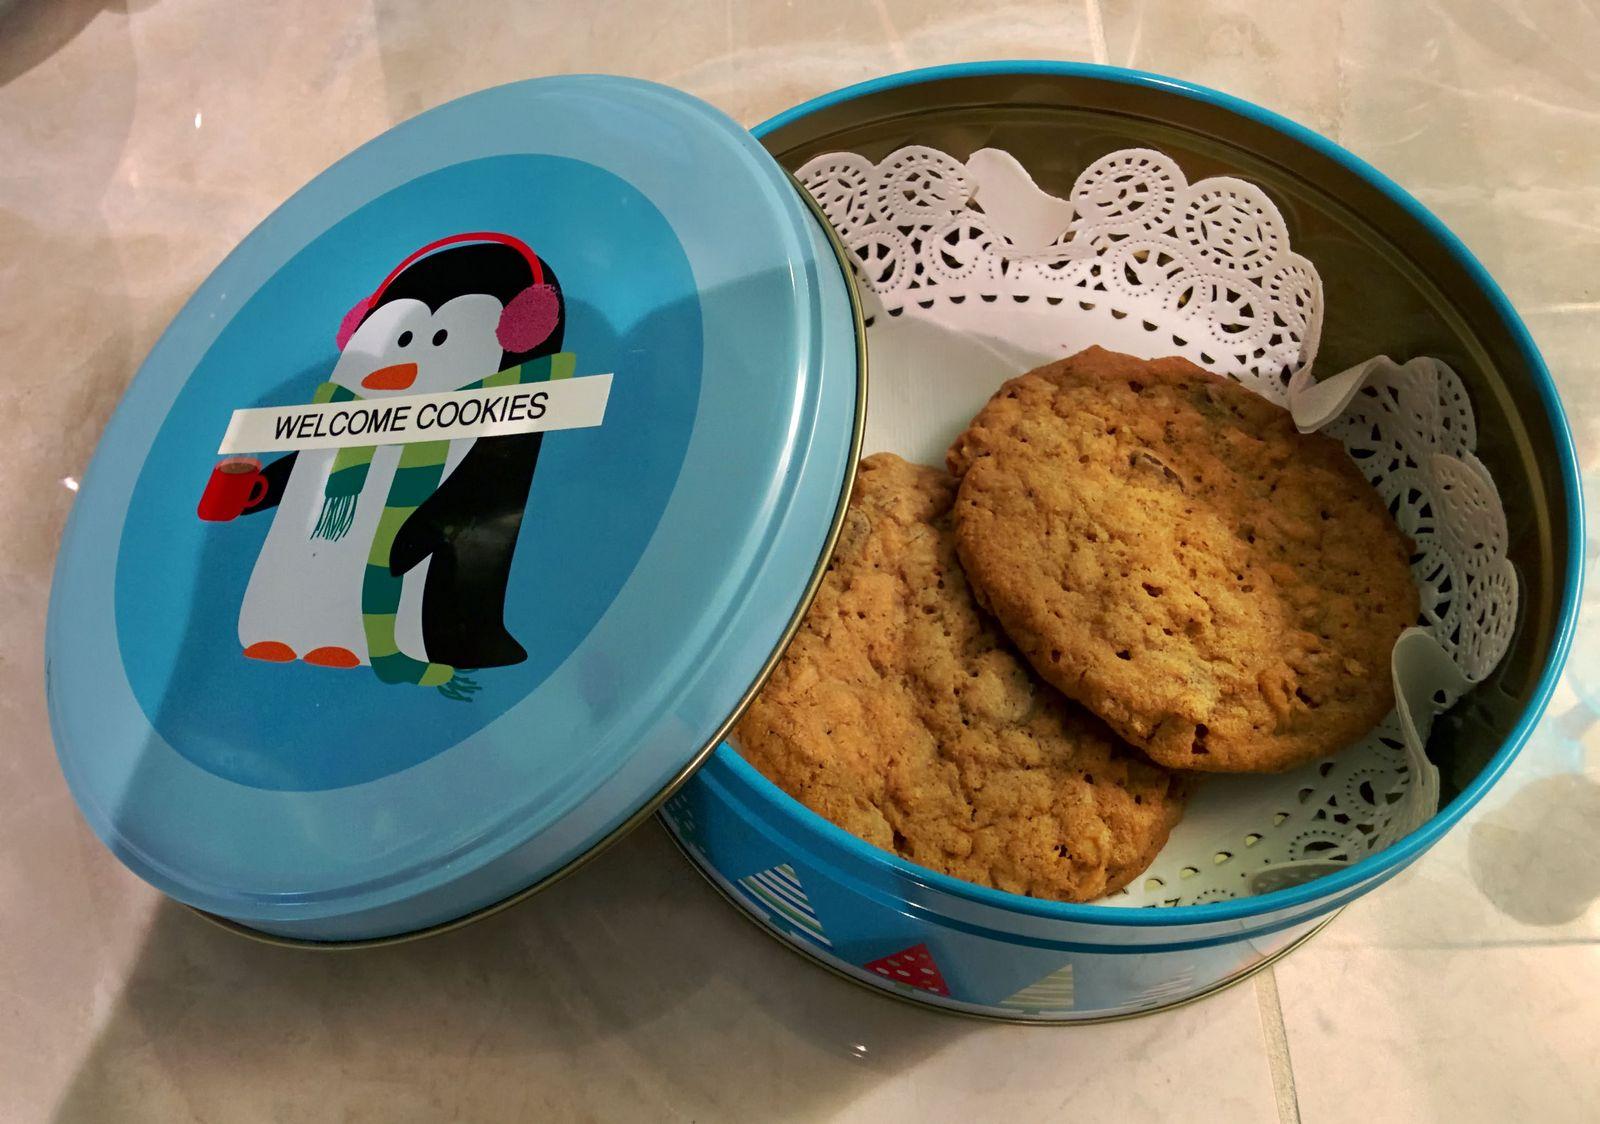 Las galletas de bienvenida